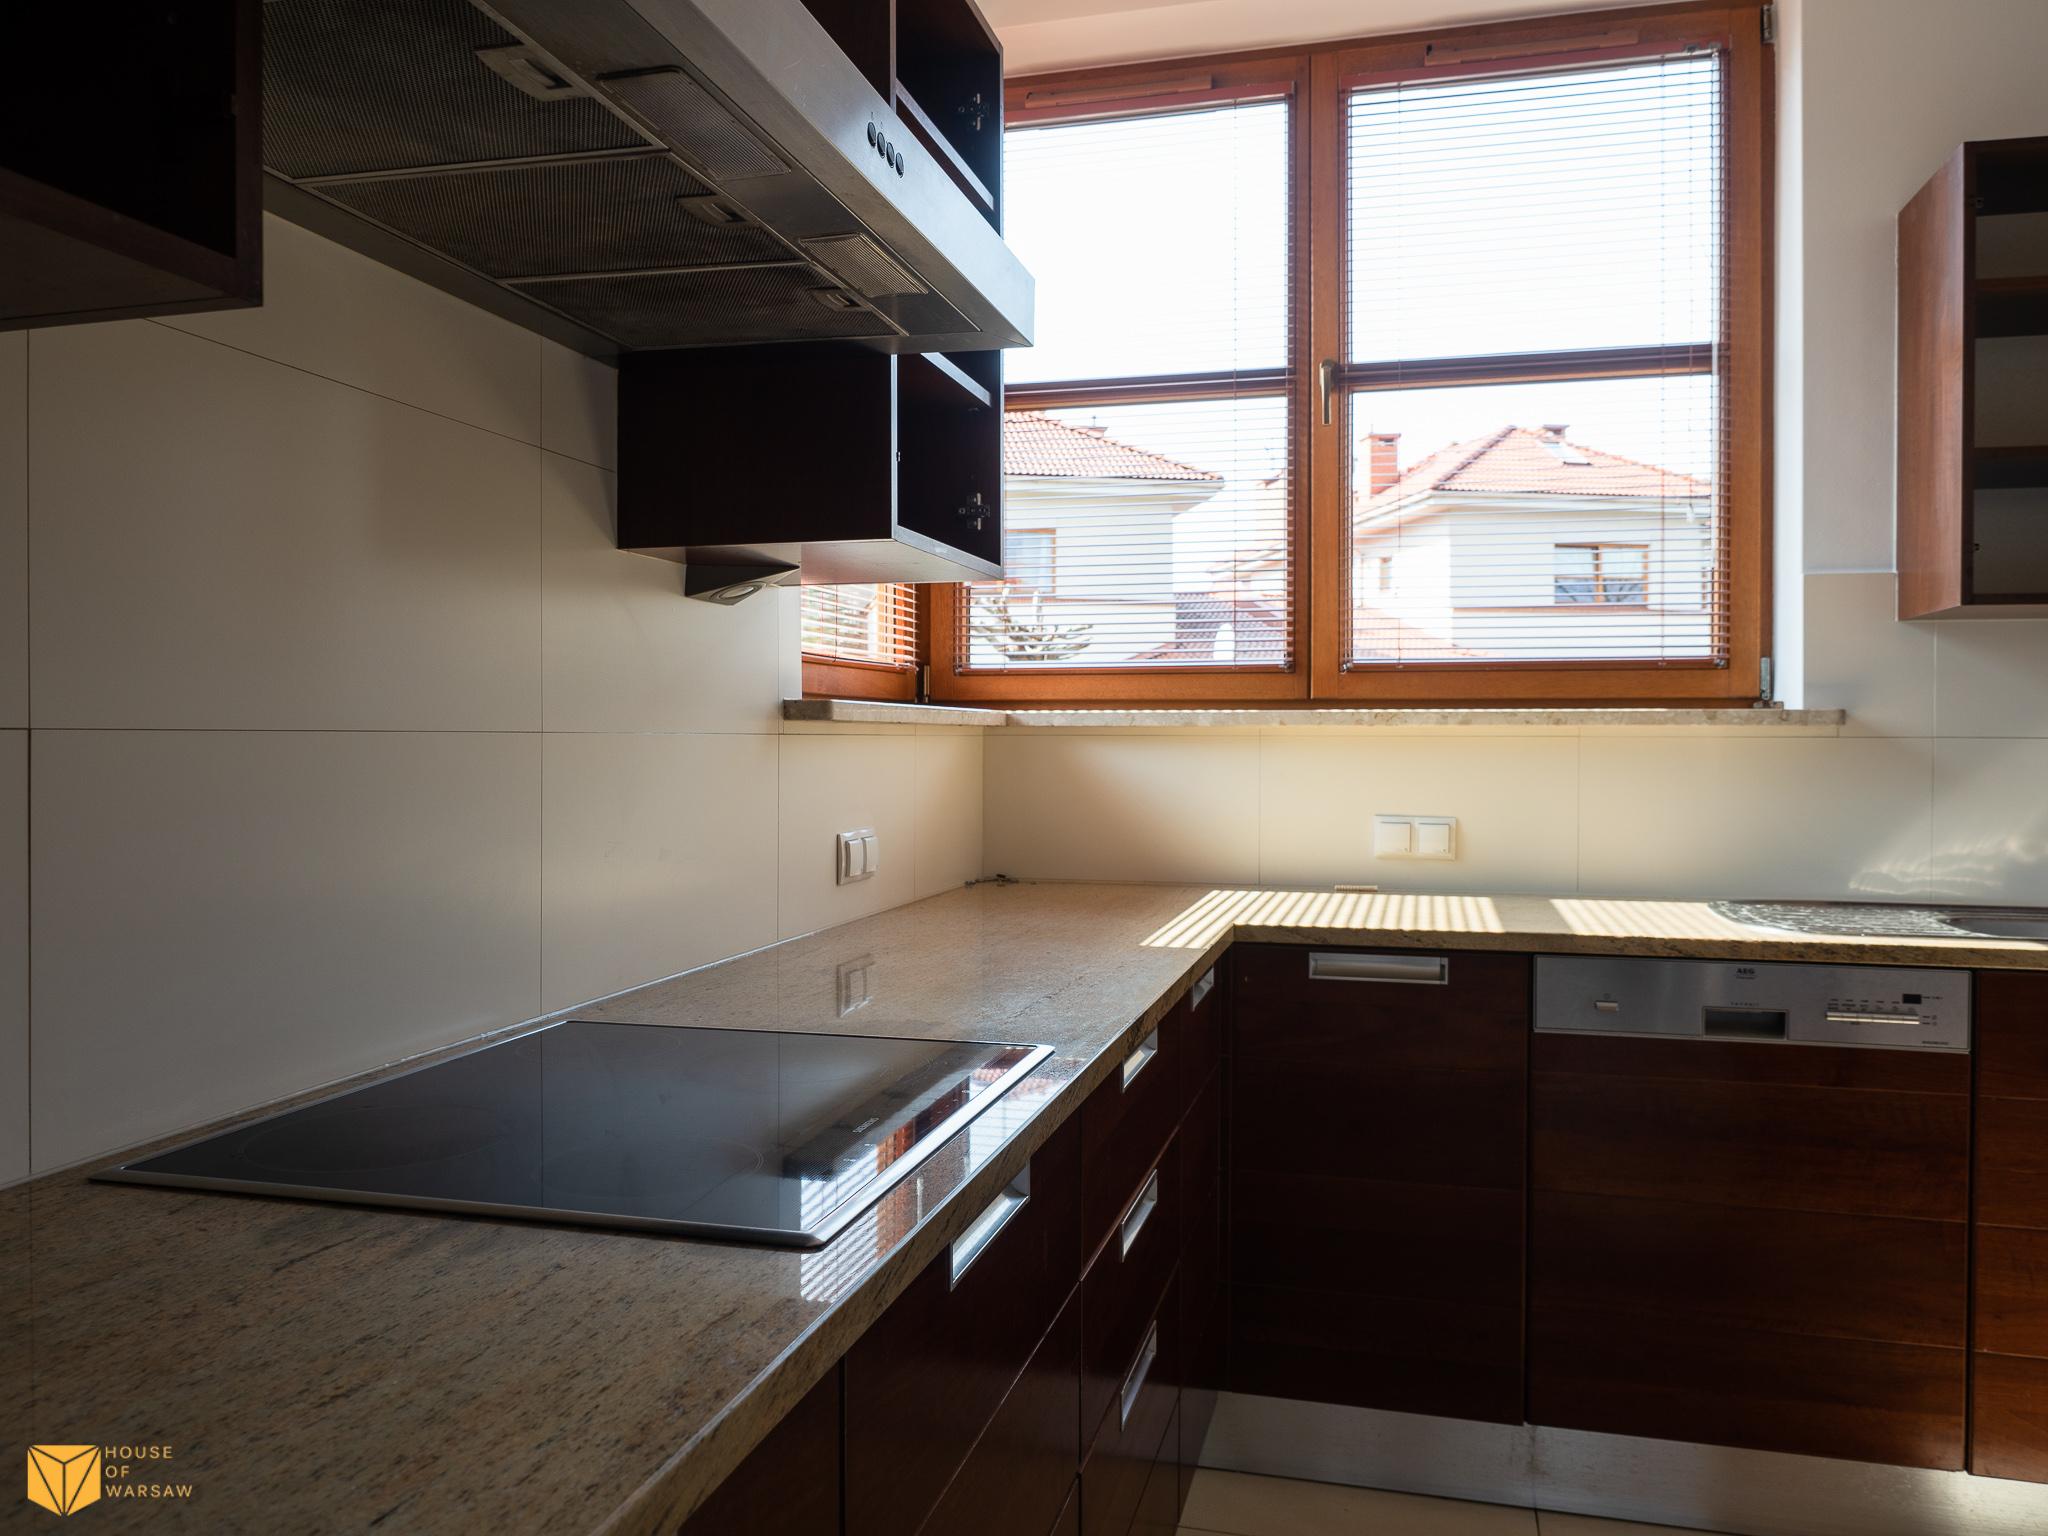 Dom wolnostojący osiedle Konstancja - 6 pokojow - 6